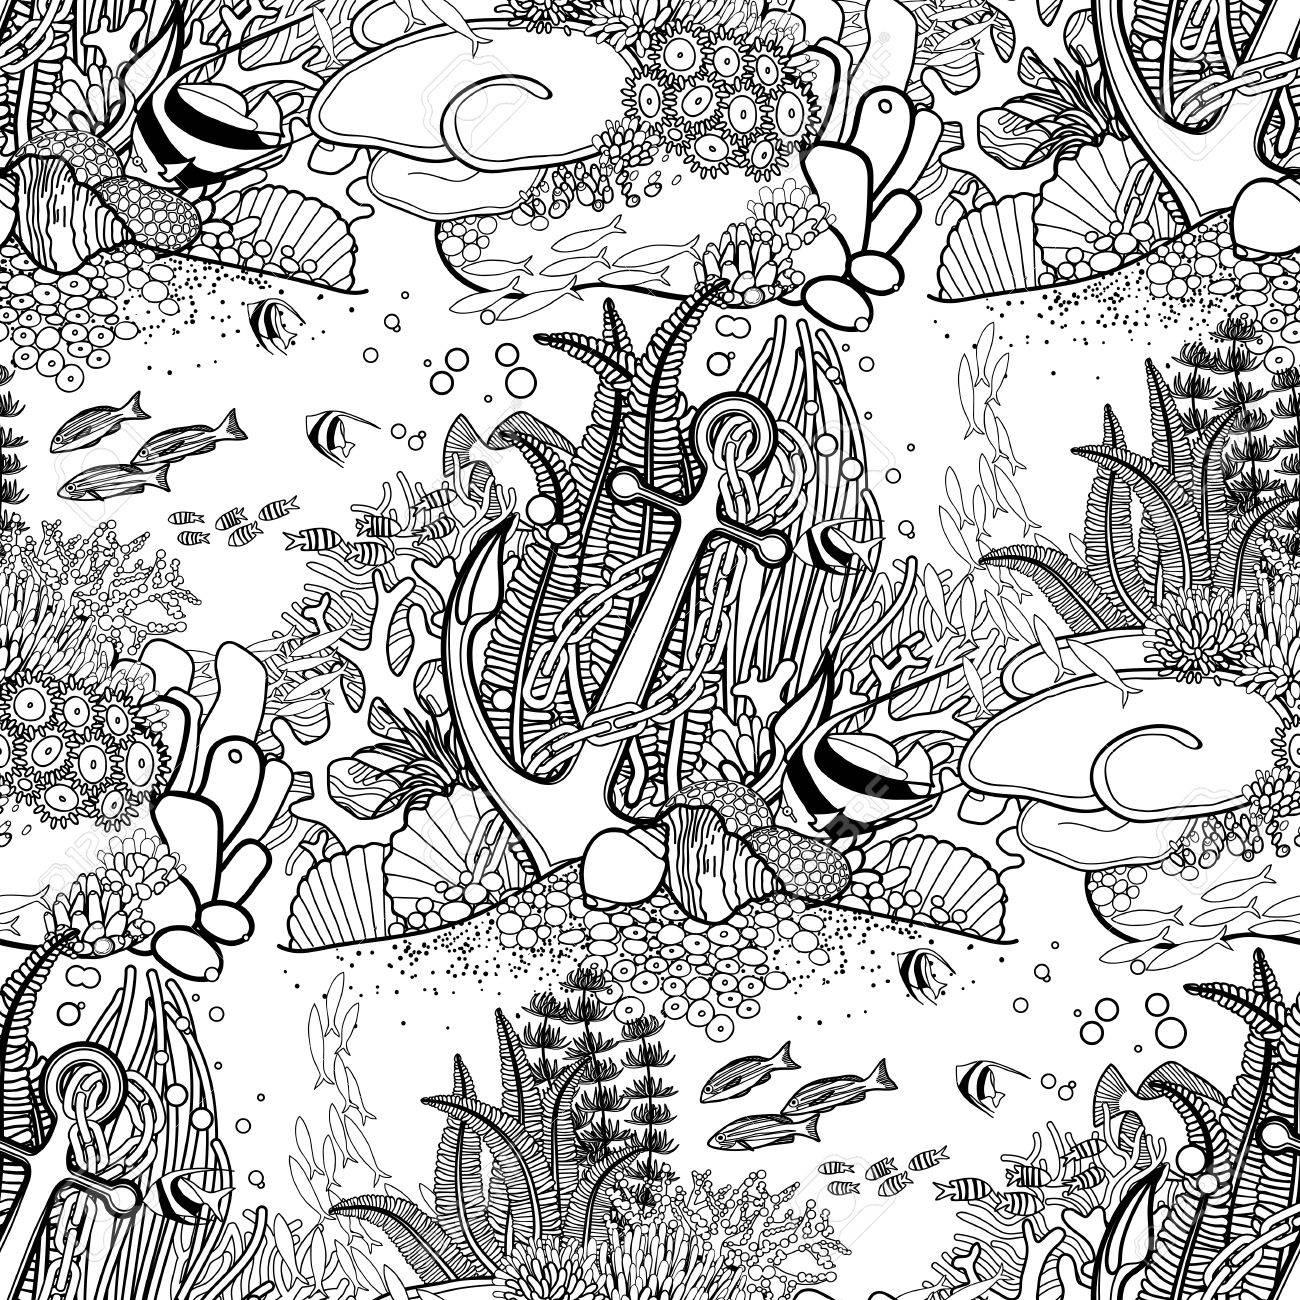 Ancla Y Los Arrecifes De Coral Dibujado En El Estilo De La Línea De ...